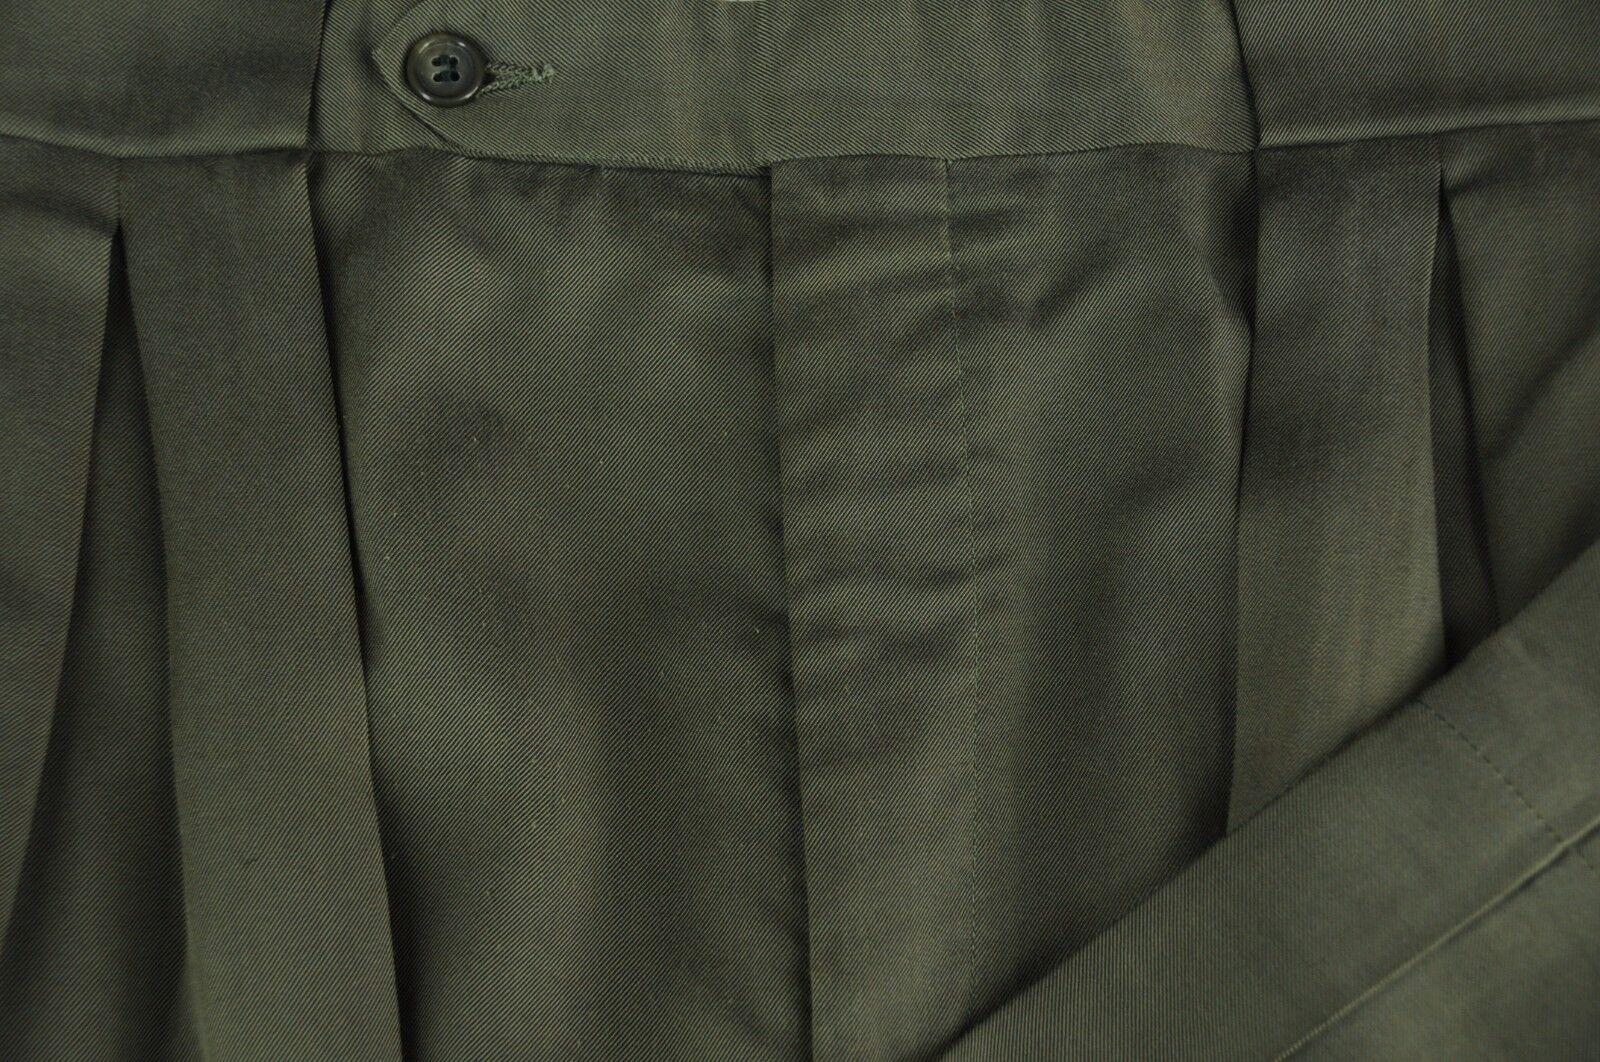 Corbin Men's Green All Season Wool Pleated Dress Pants 34 x 29